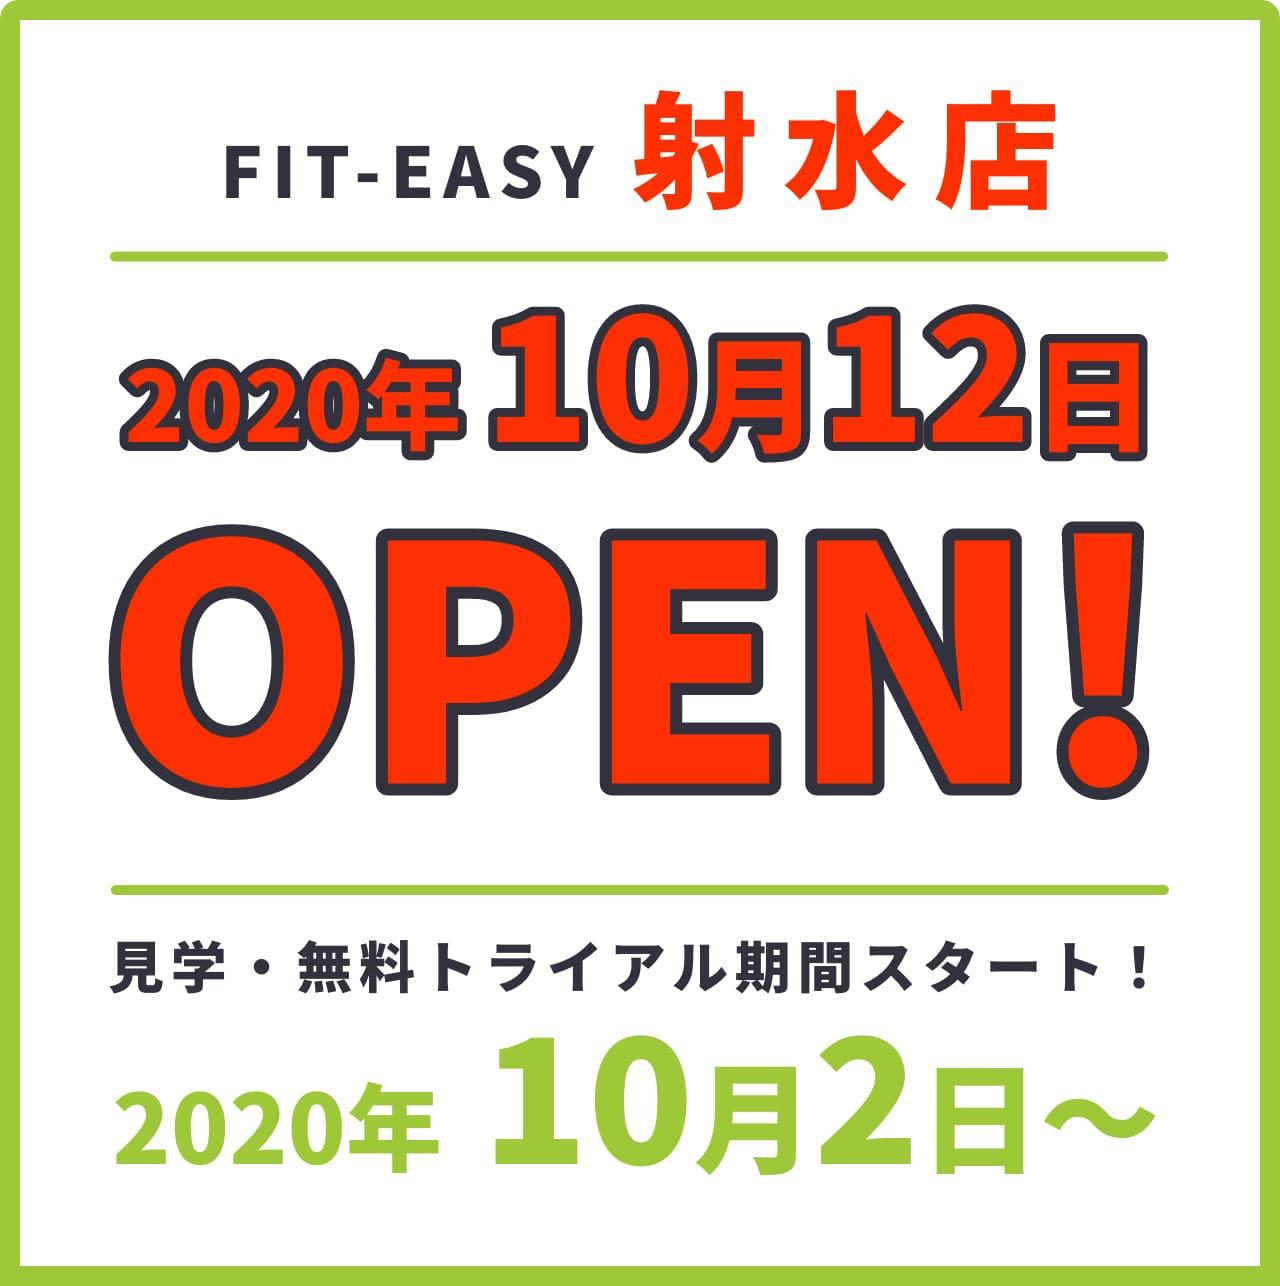 フィットイージー 射水店,富山,24時間フィットネスジム